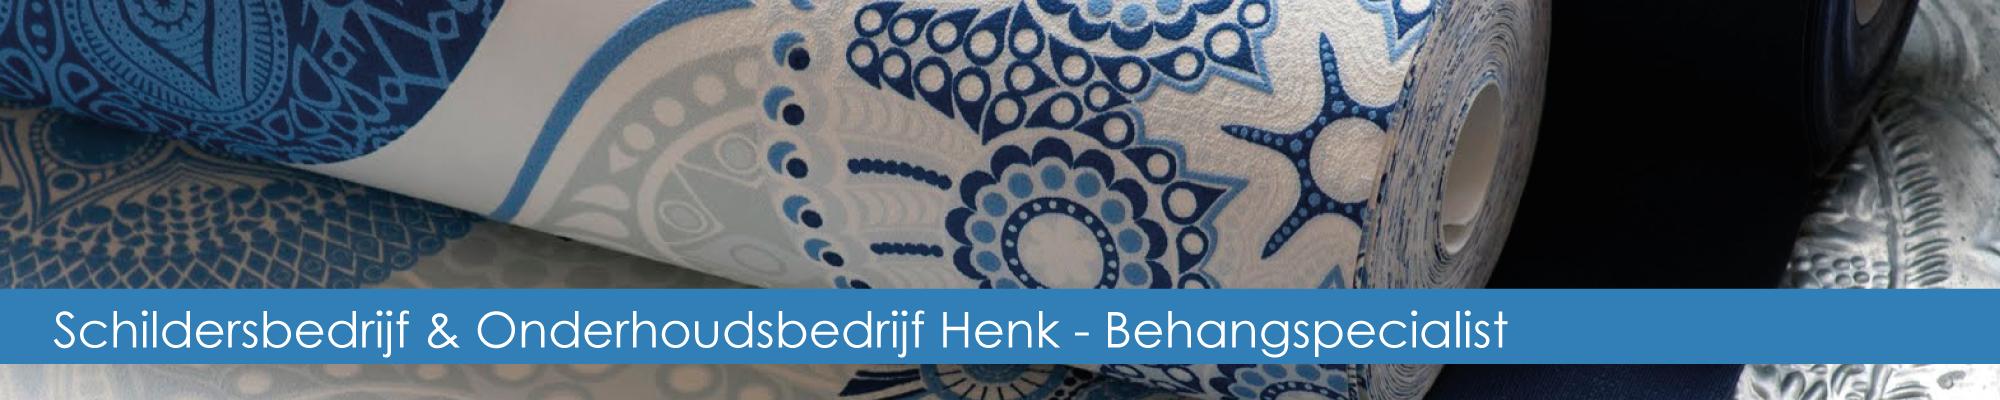 Schildersbedrijf-&-Onderhoudsbedrijf-Henk---Specialisten-in-Behangen---De Lier